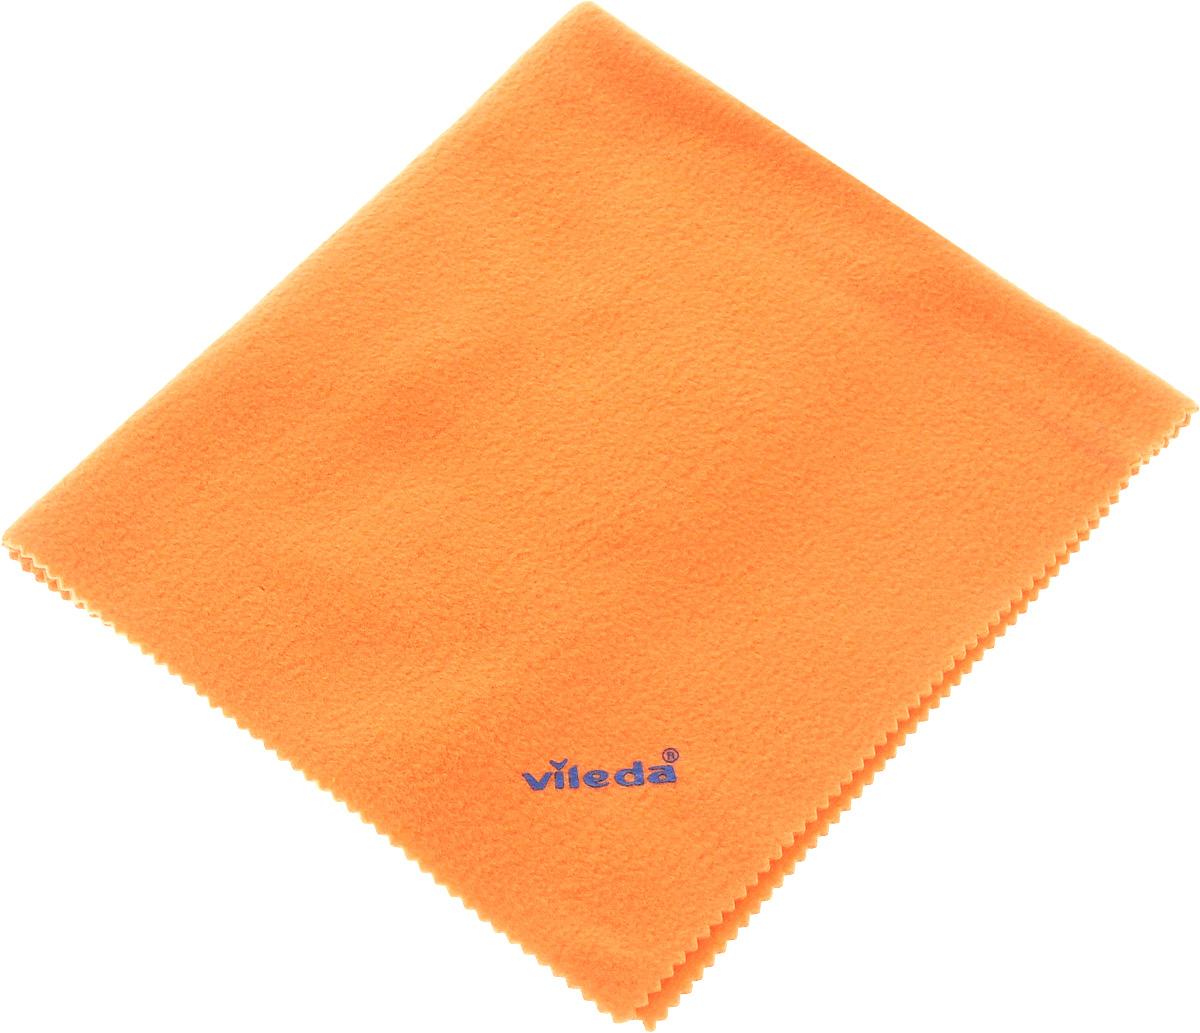 Салфетка для уборки Vileda Soft Dust Cloth, 40 х 30 см531-105Салфетка Vileda Soft Dust Cloth предназначена для сухой уборки помещения от пыли. Благодаря электростатическому эффекту она собирает на 40% больше пыли по сравнению с обычными салфетками. Салфетка очень мягкая и приятная на ощупь.